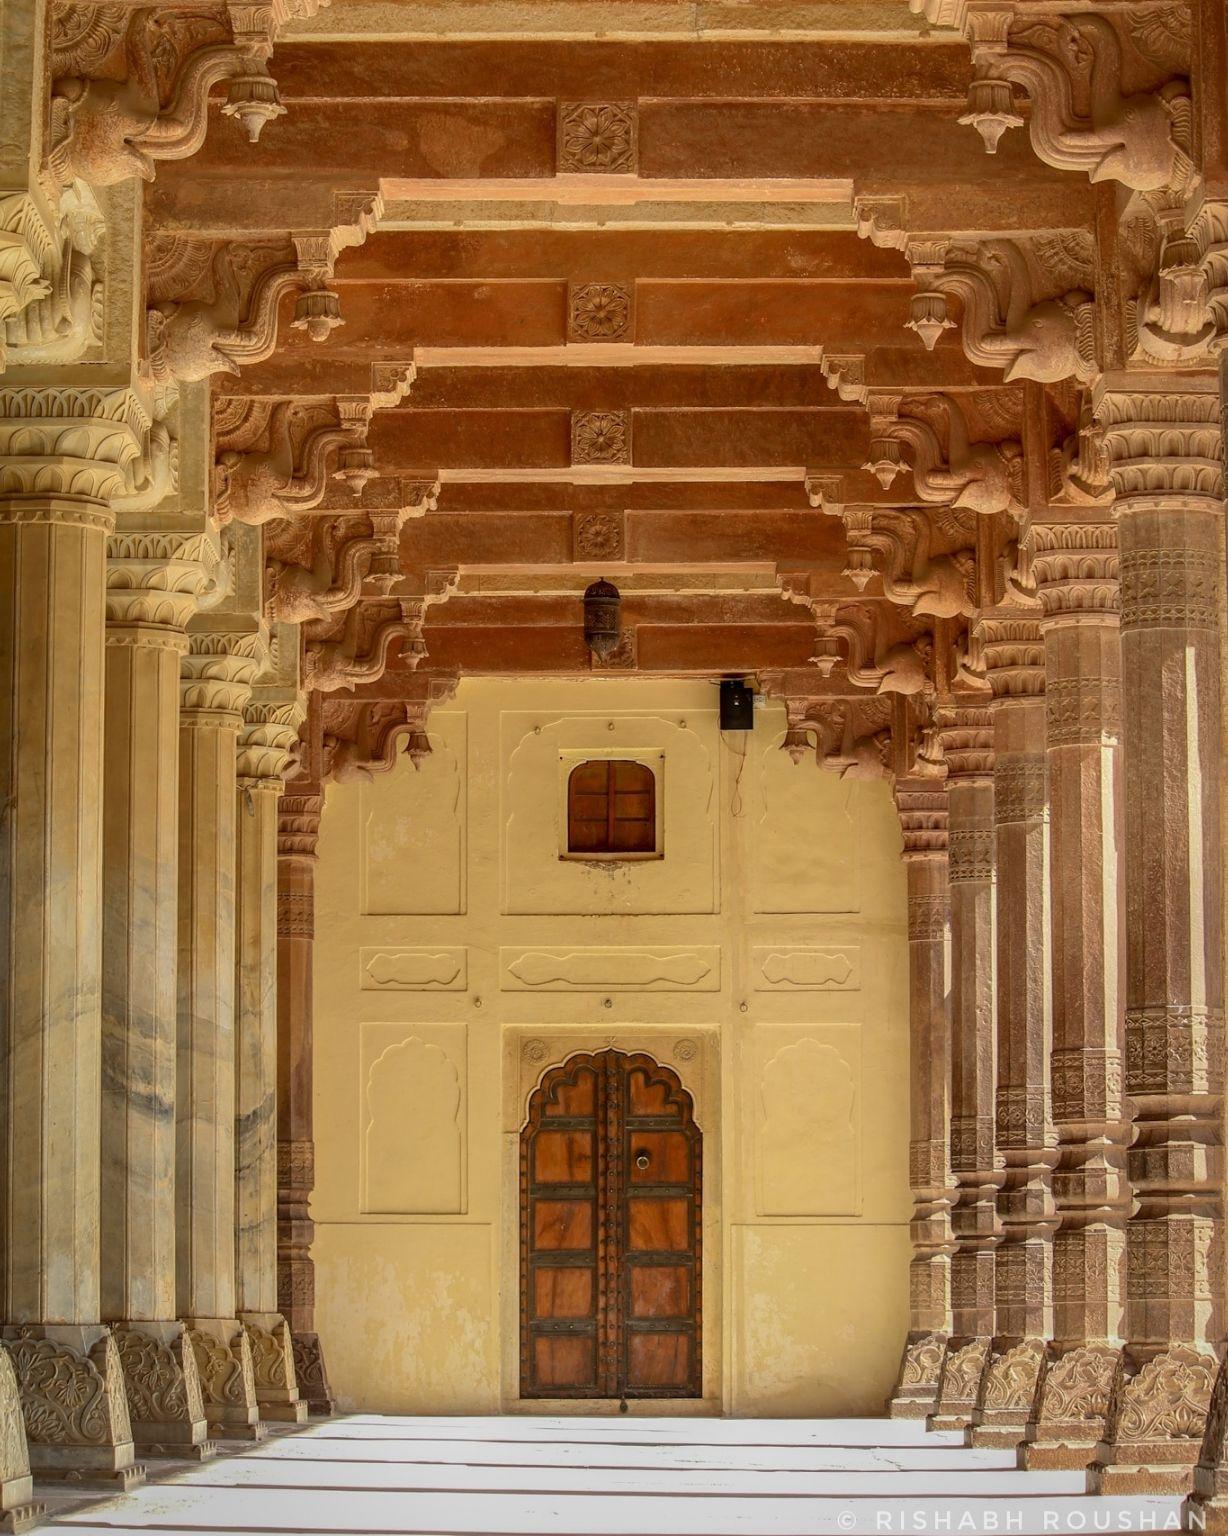 Photo of Jaipur By rishabh roushan